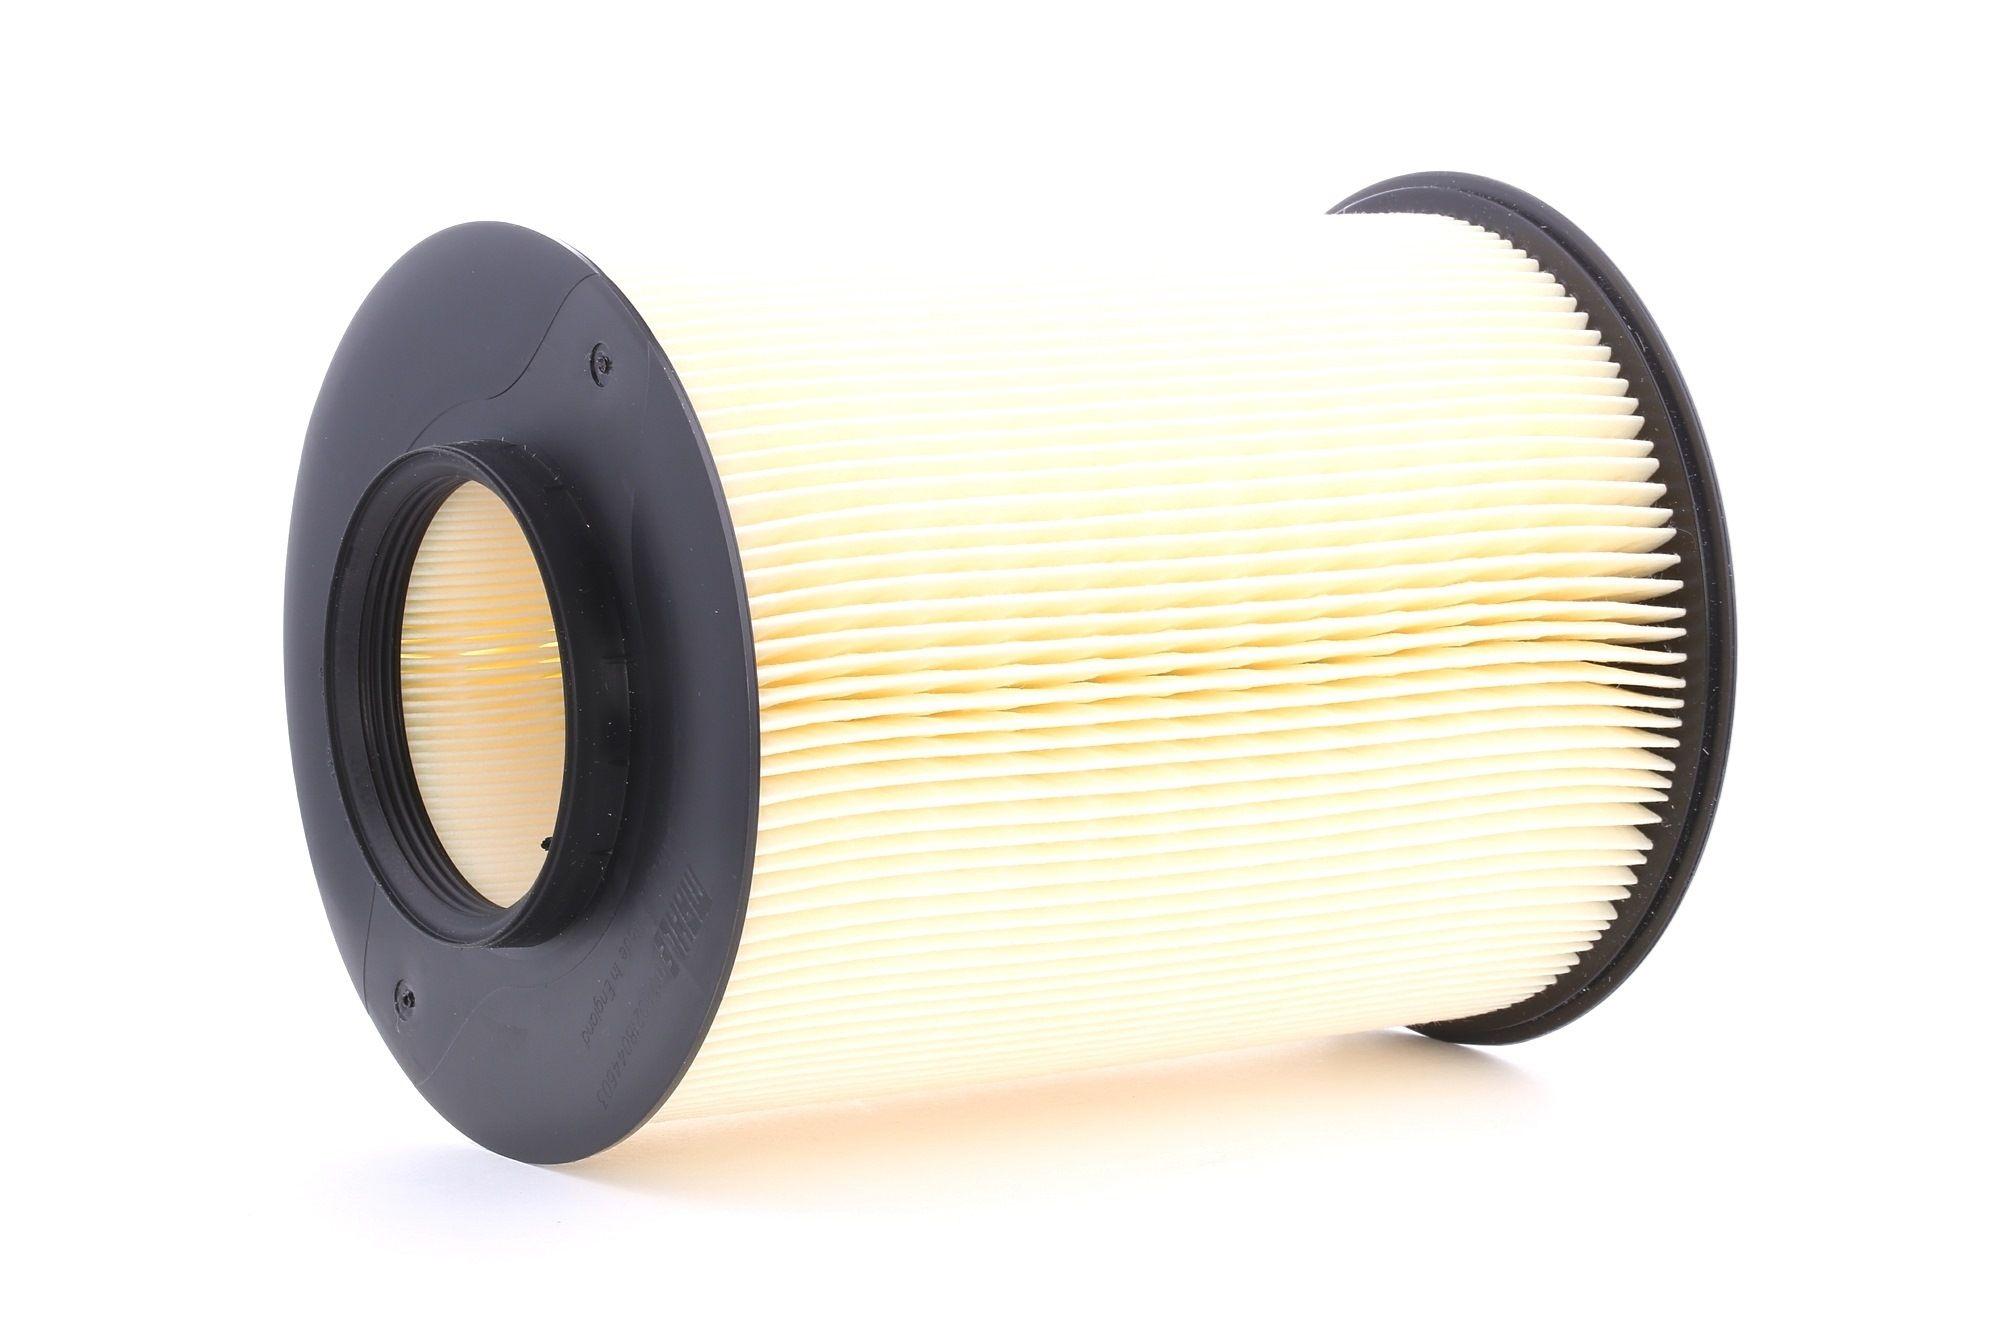 Achat de 79931646 MAHLE ORIGINAL Cartouche filtrante Hauteur: 206mm, Hauteur 1: 196mm Filtre à air LX 1780/3 pas chères